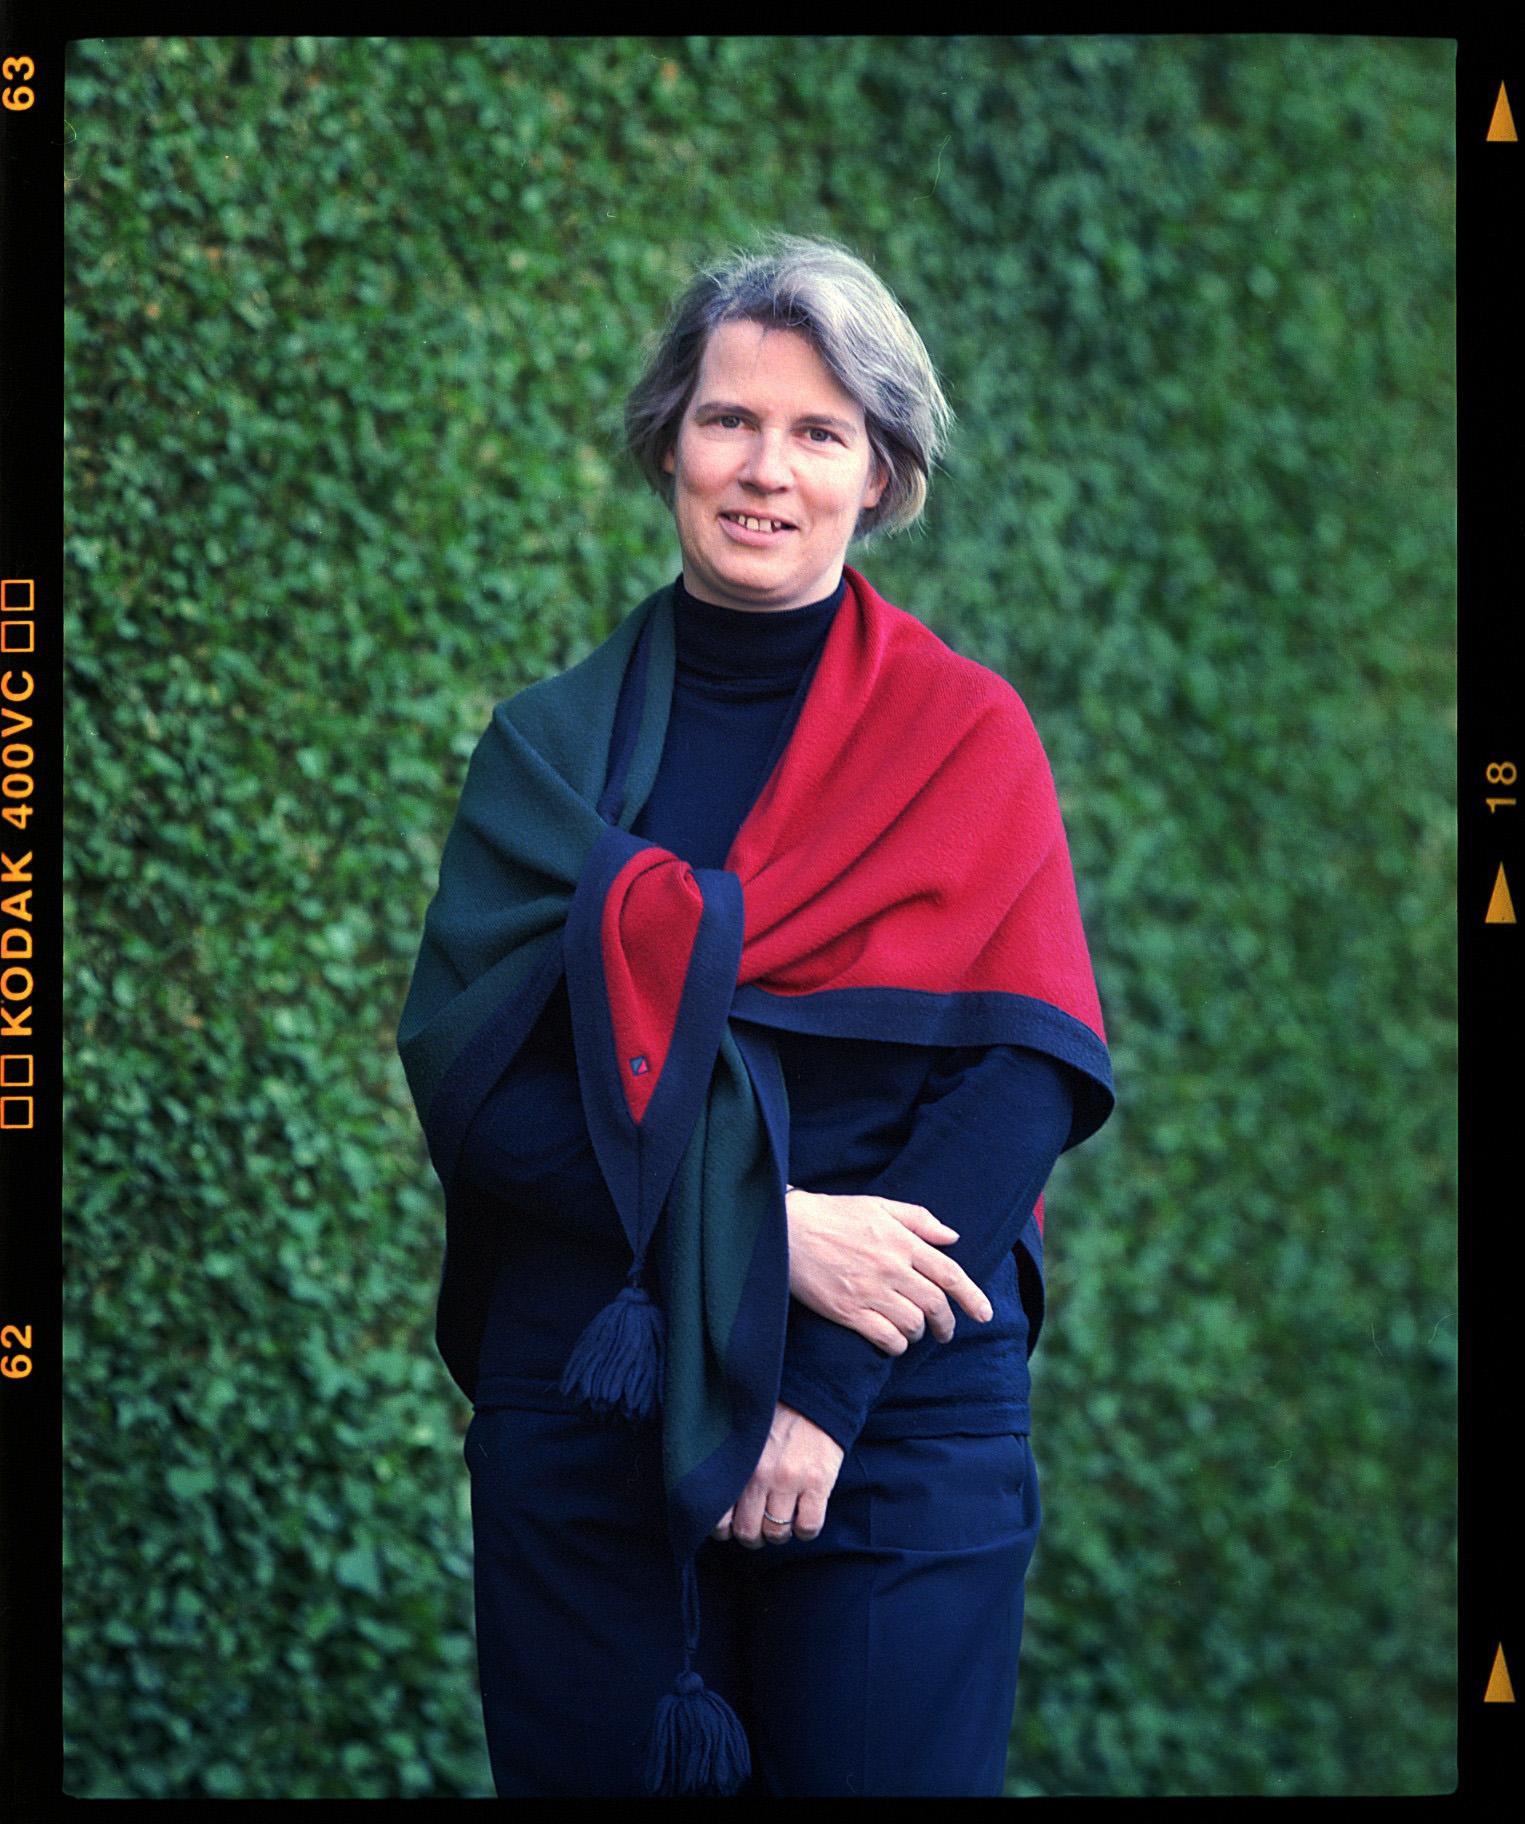 Pia Gjellerup